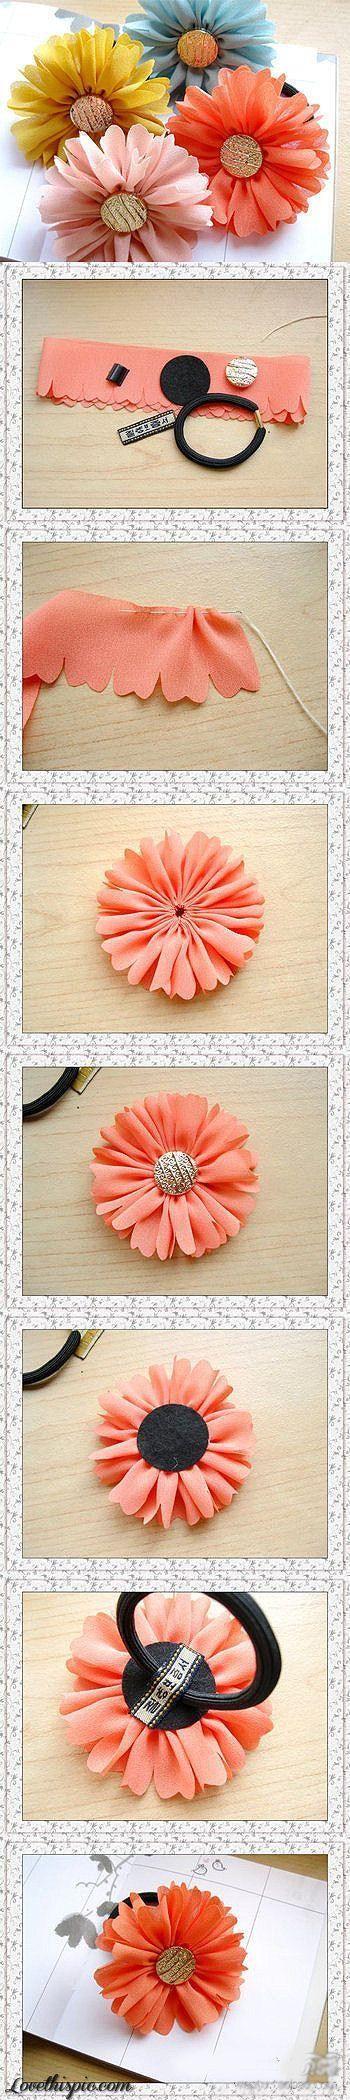 Proste instrukcje, dzięki którym zrobisz fascynujące kwiaty z papieru!